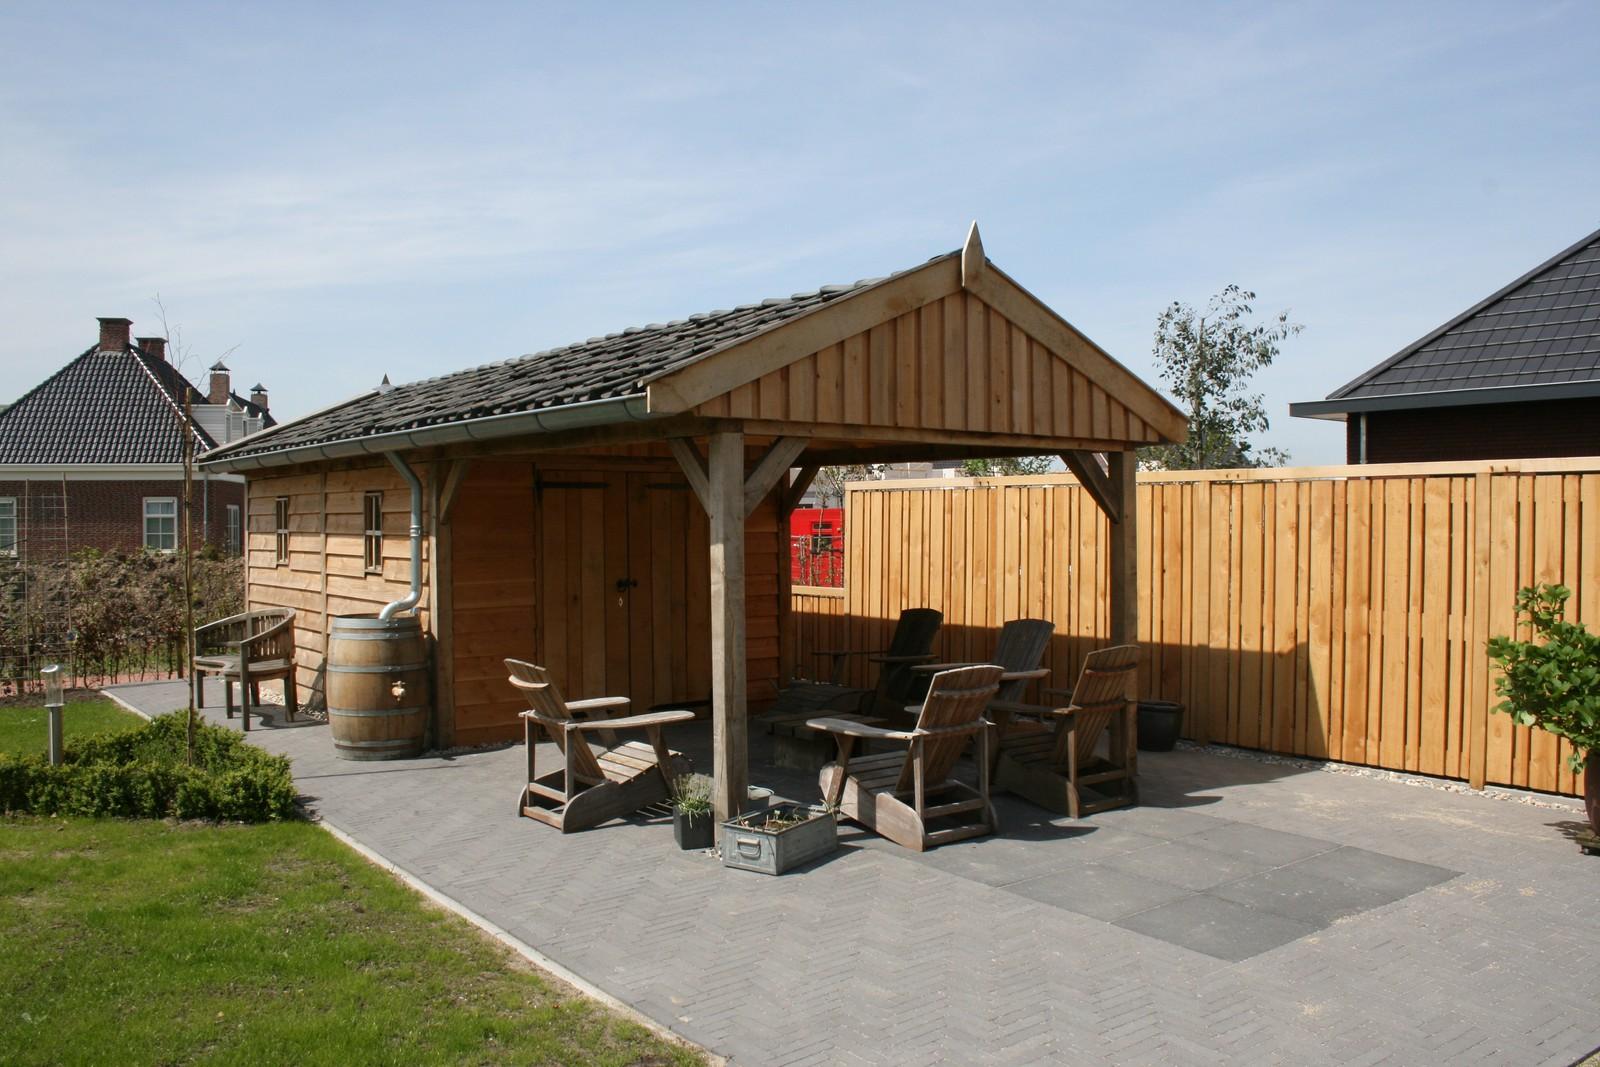 ... tuinhuis, veranda of landelijke houten kapschuur op maat. - Tuinhuis